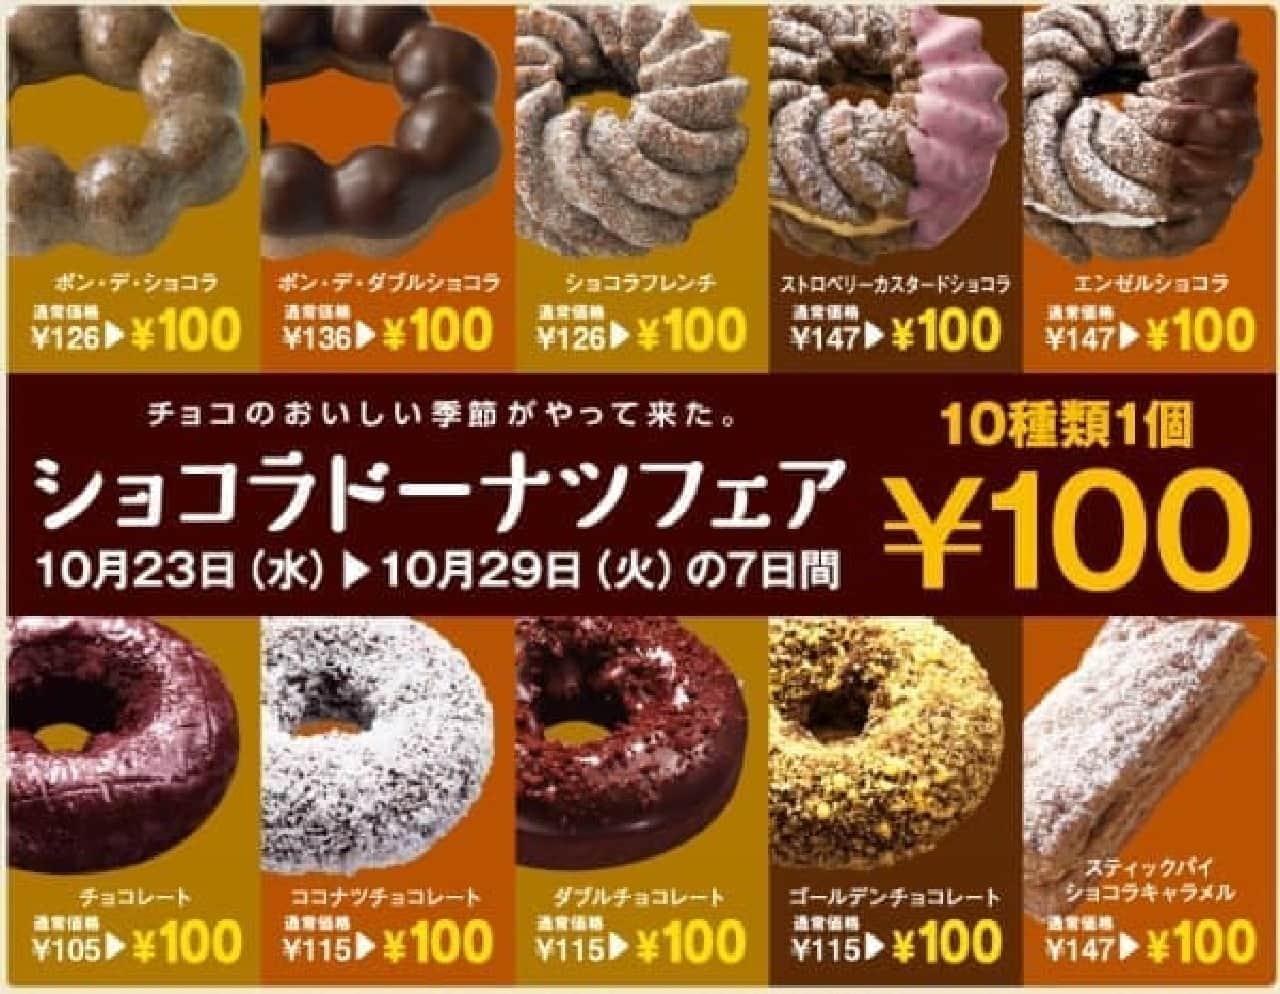 「ショコラドーナツ」が100円に!  (出典:ミスタードーナツ)